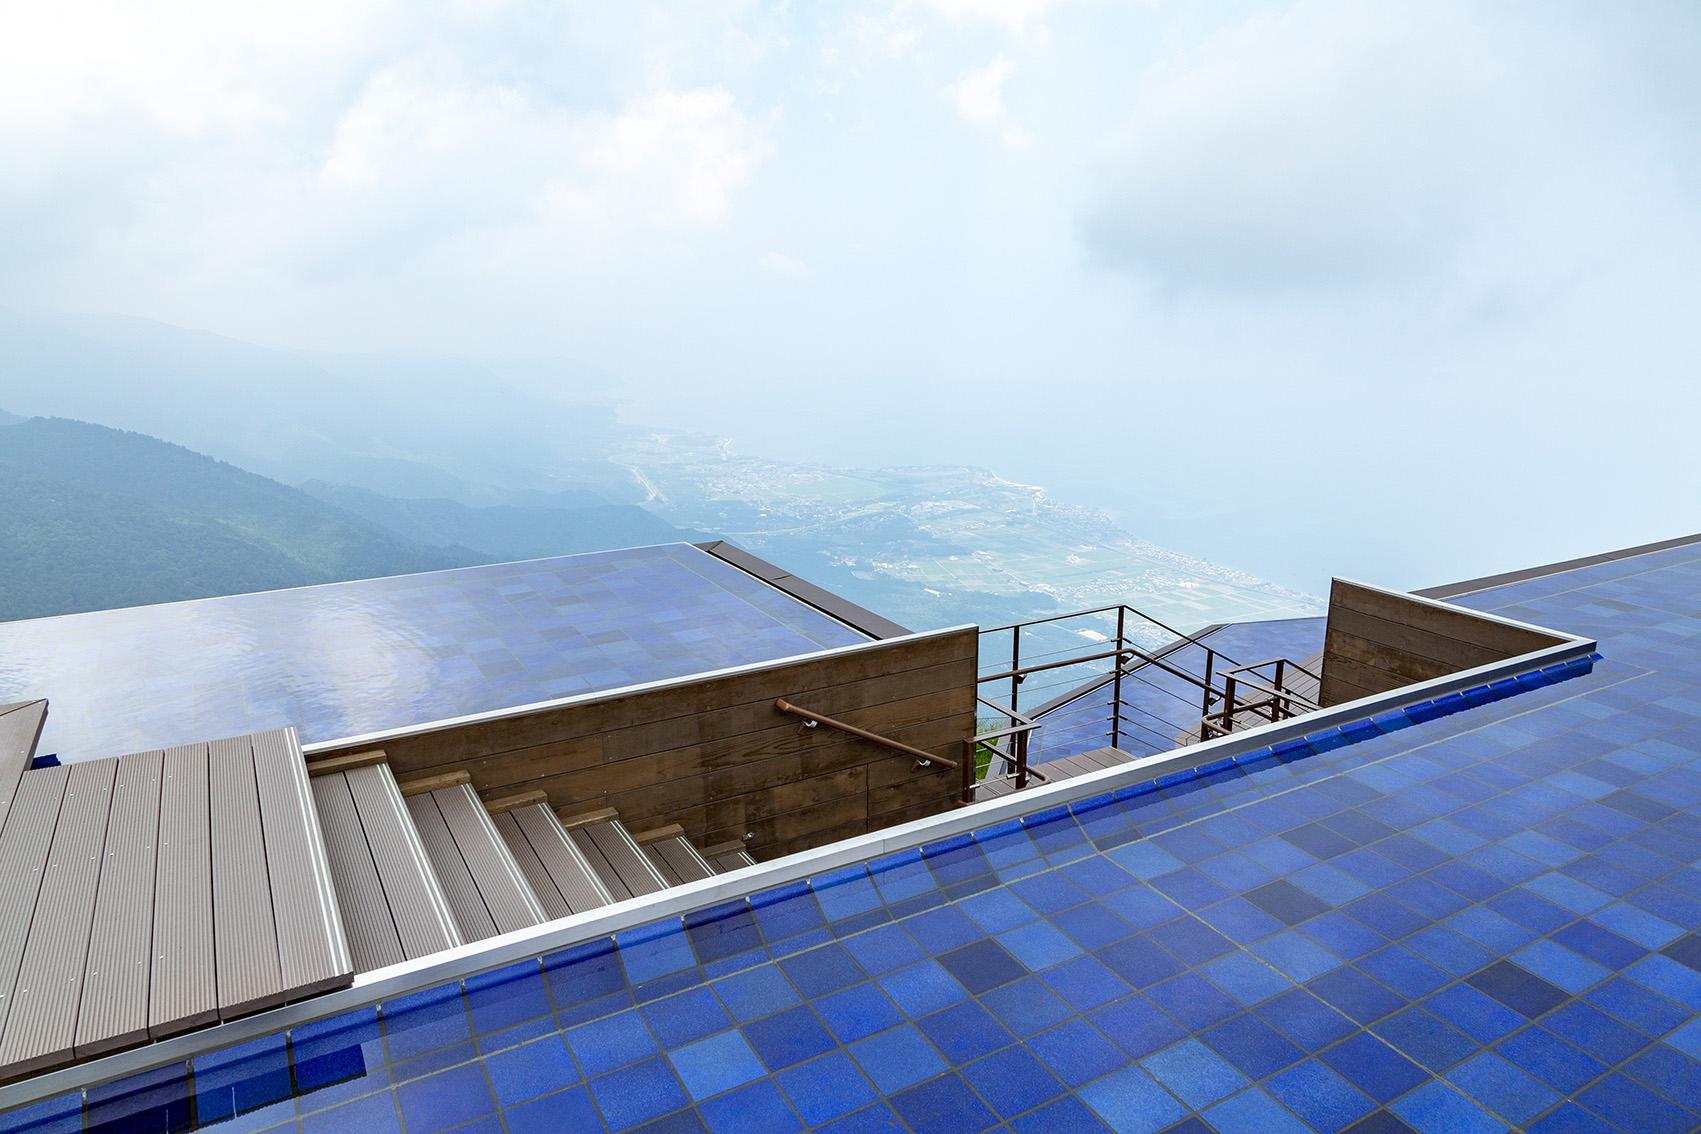 びわ湖テラス The Biwako Terrace2